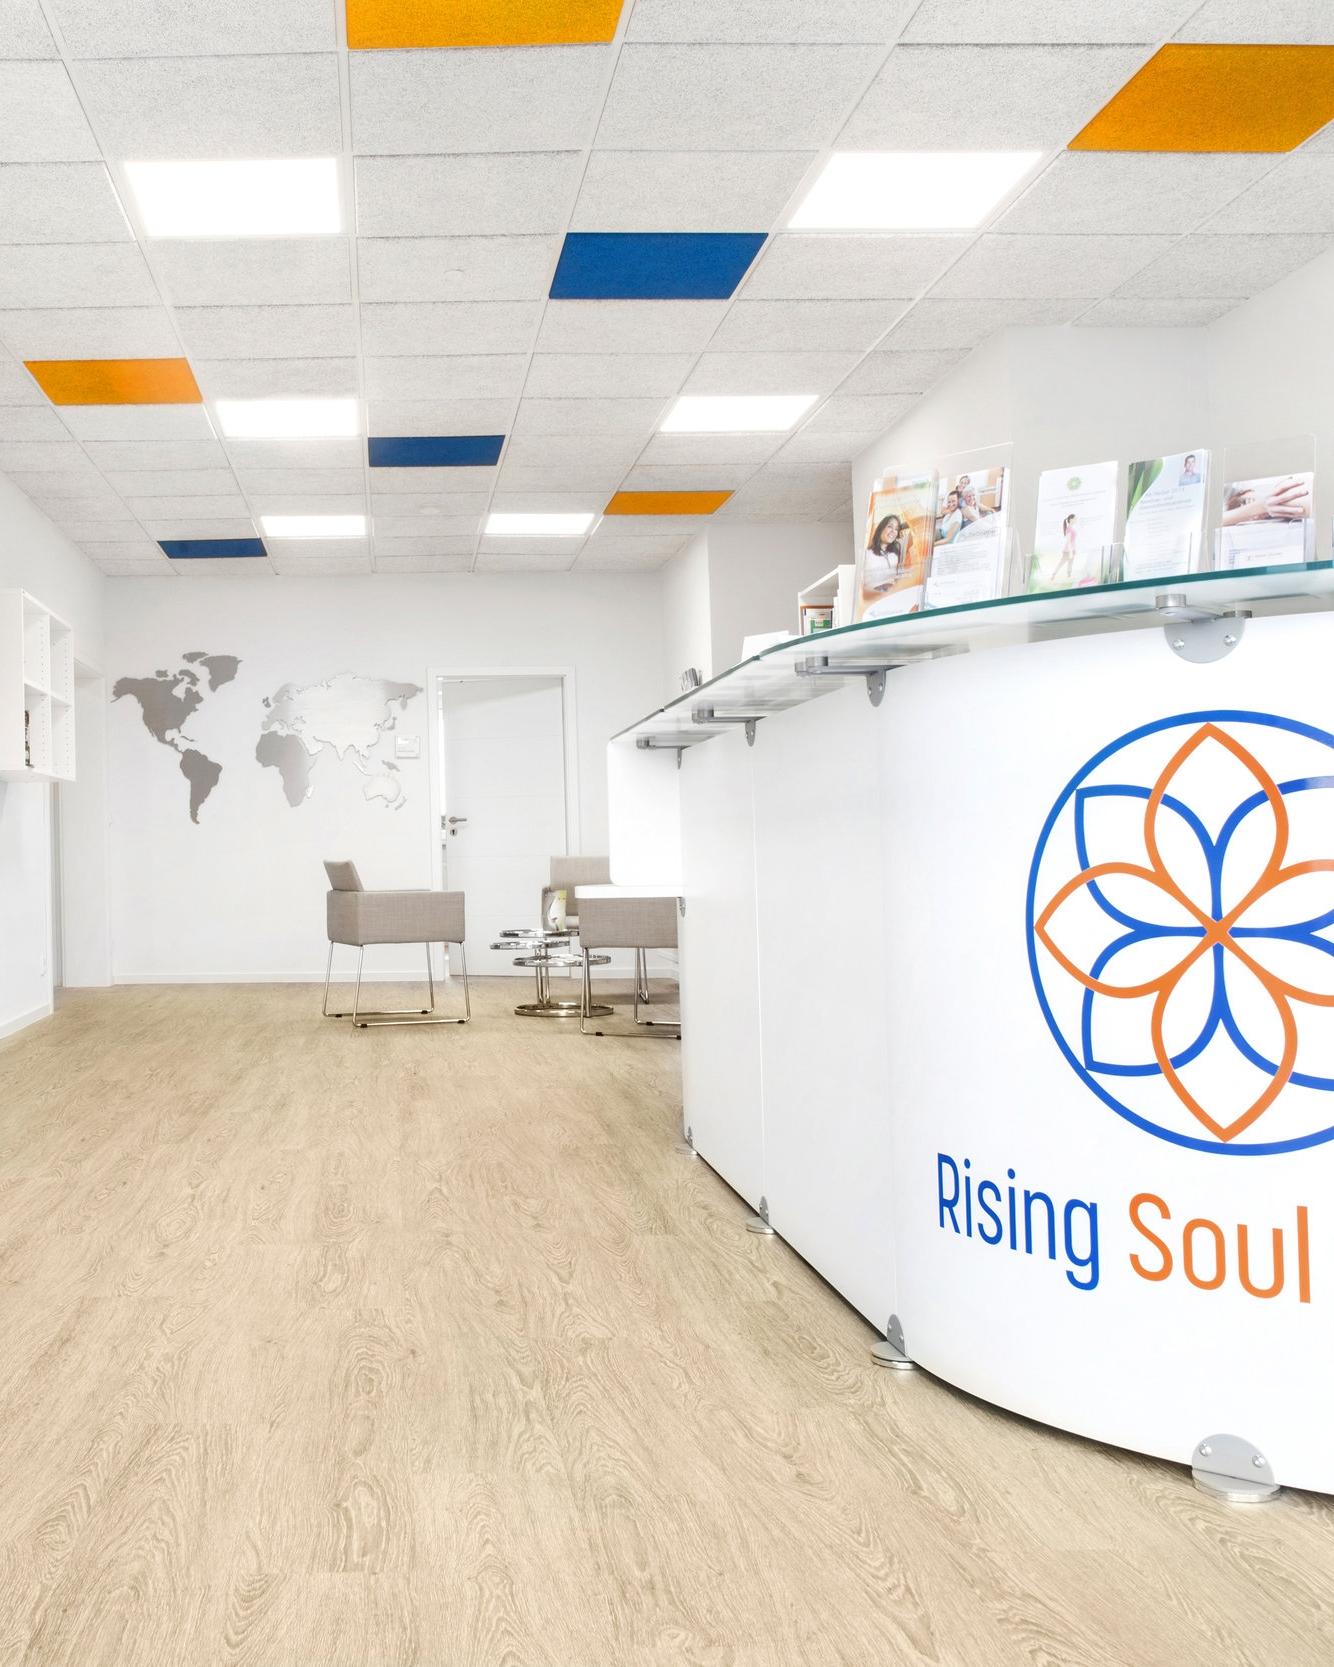 Rising-Soul-Center_001.jpg